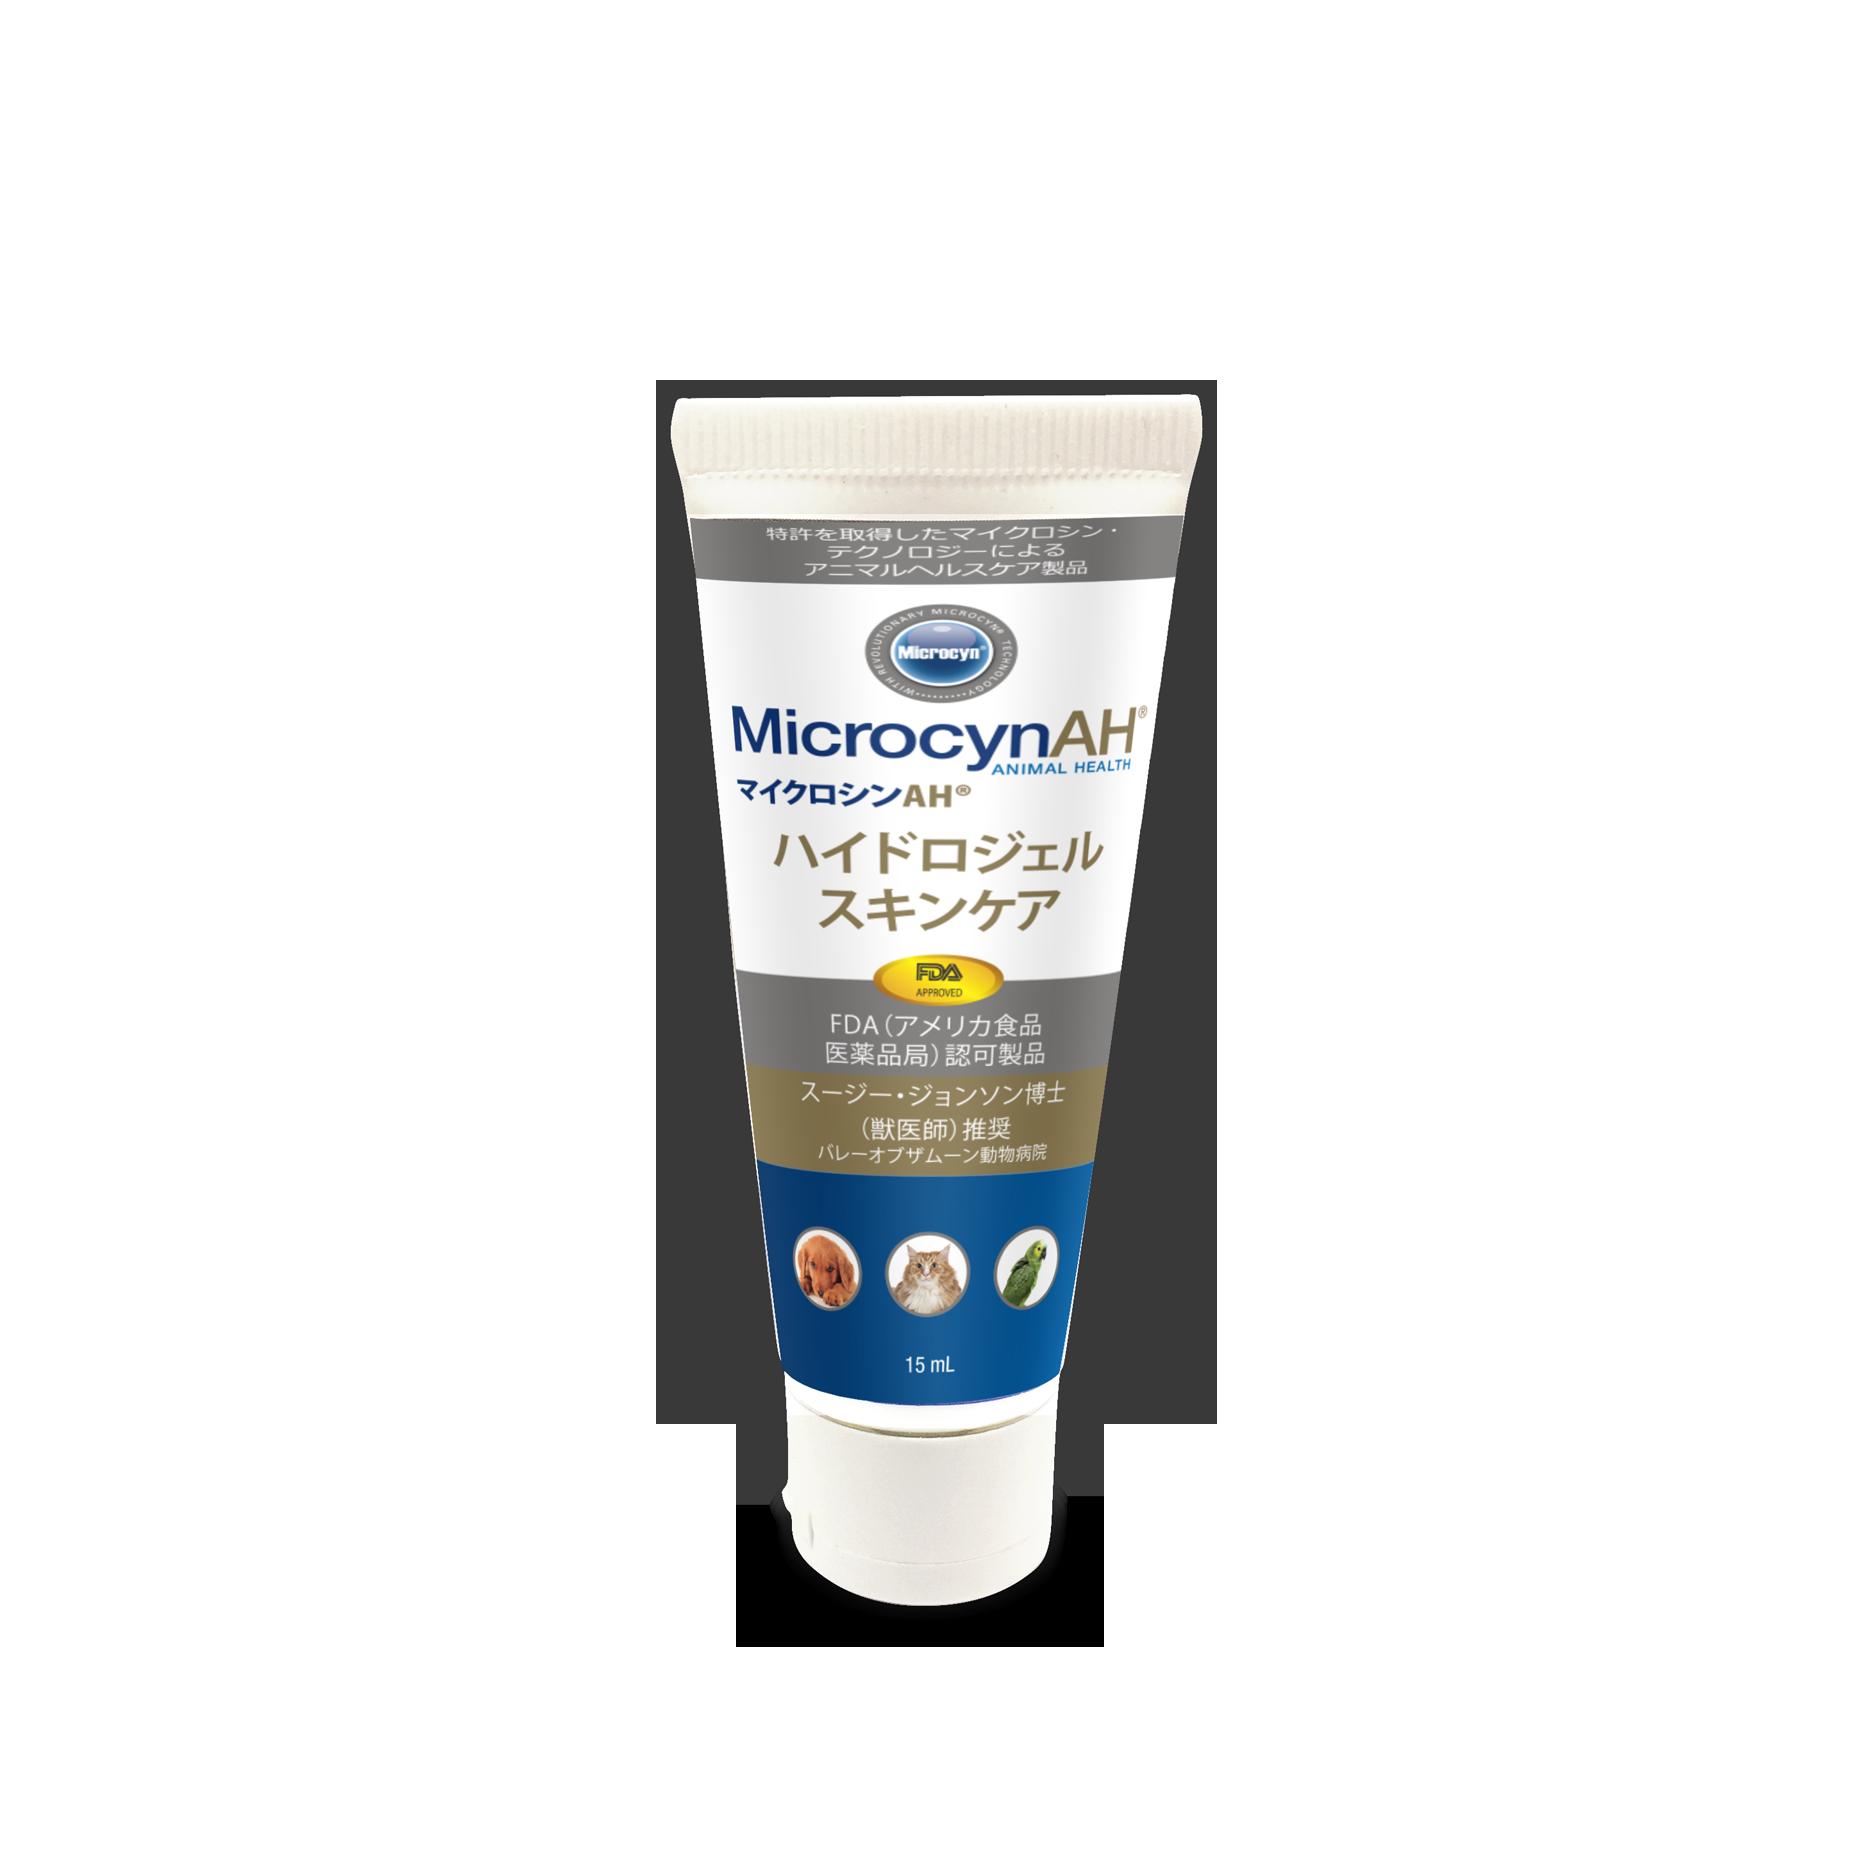 マイクロシンAH® ハイドロジェルスキンケア(15ml)